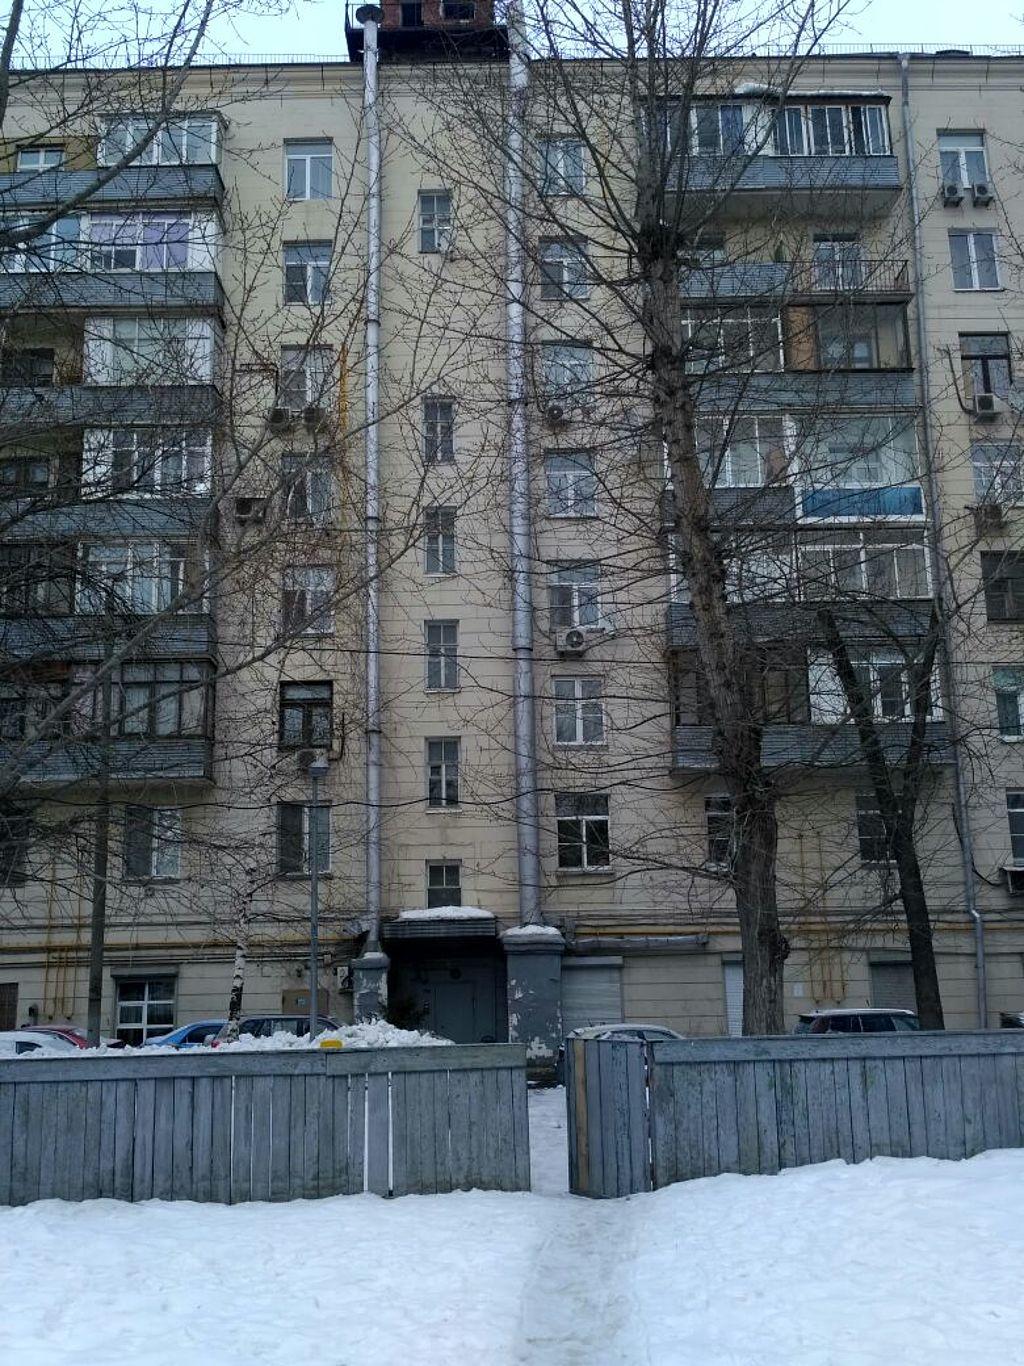 3283d1c87fe71 Анонсирование продажи 4-х комнатной квартиры по адресу: г. Москва,  Дербеневская набережная, дом 1/2